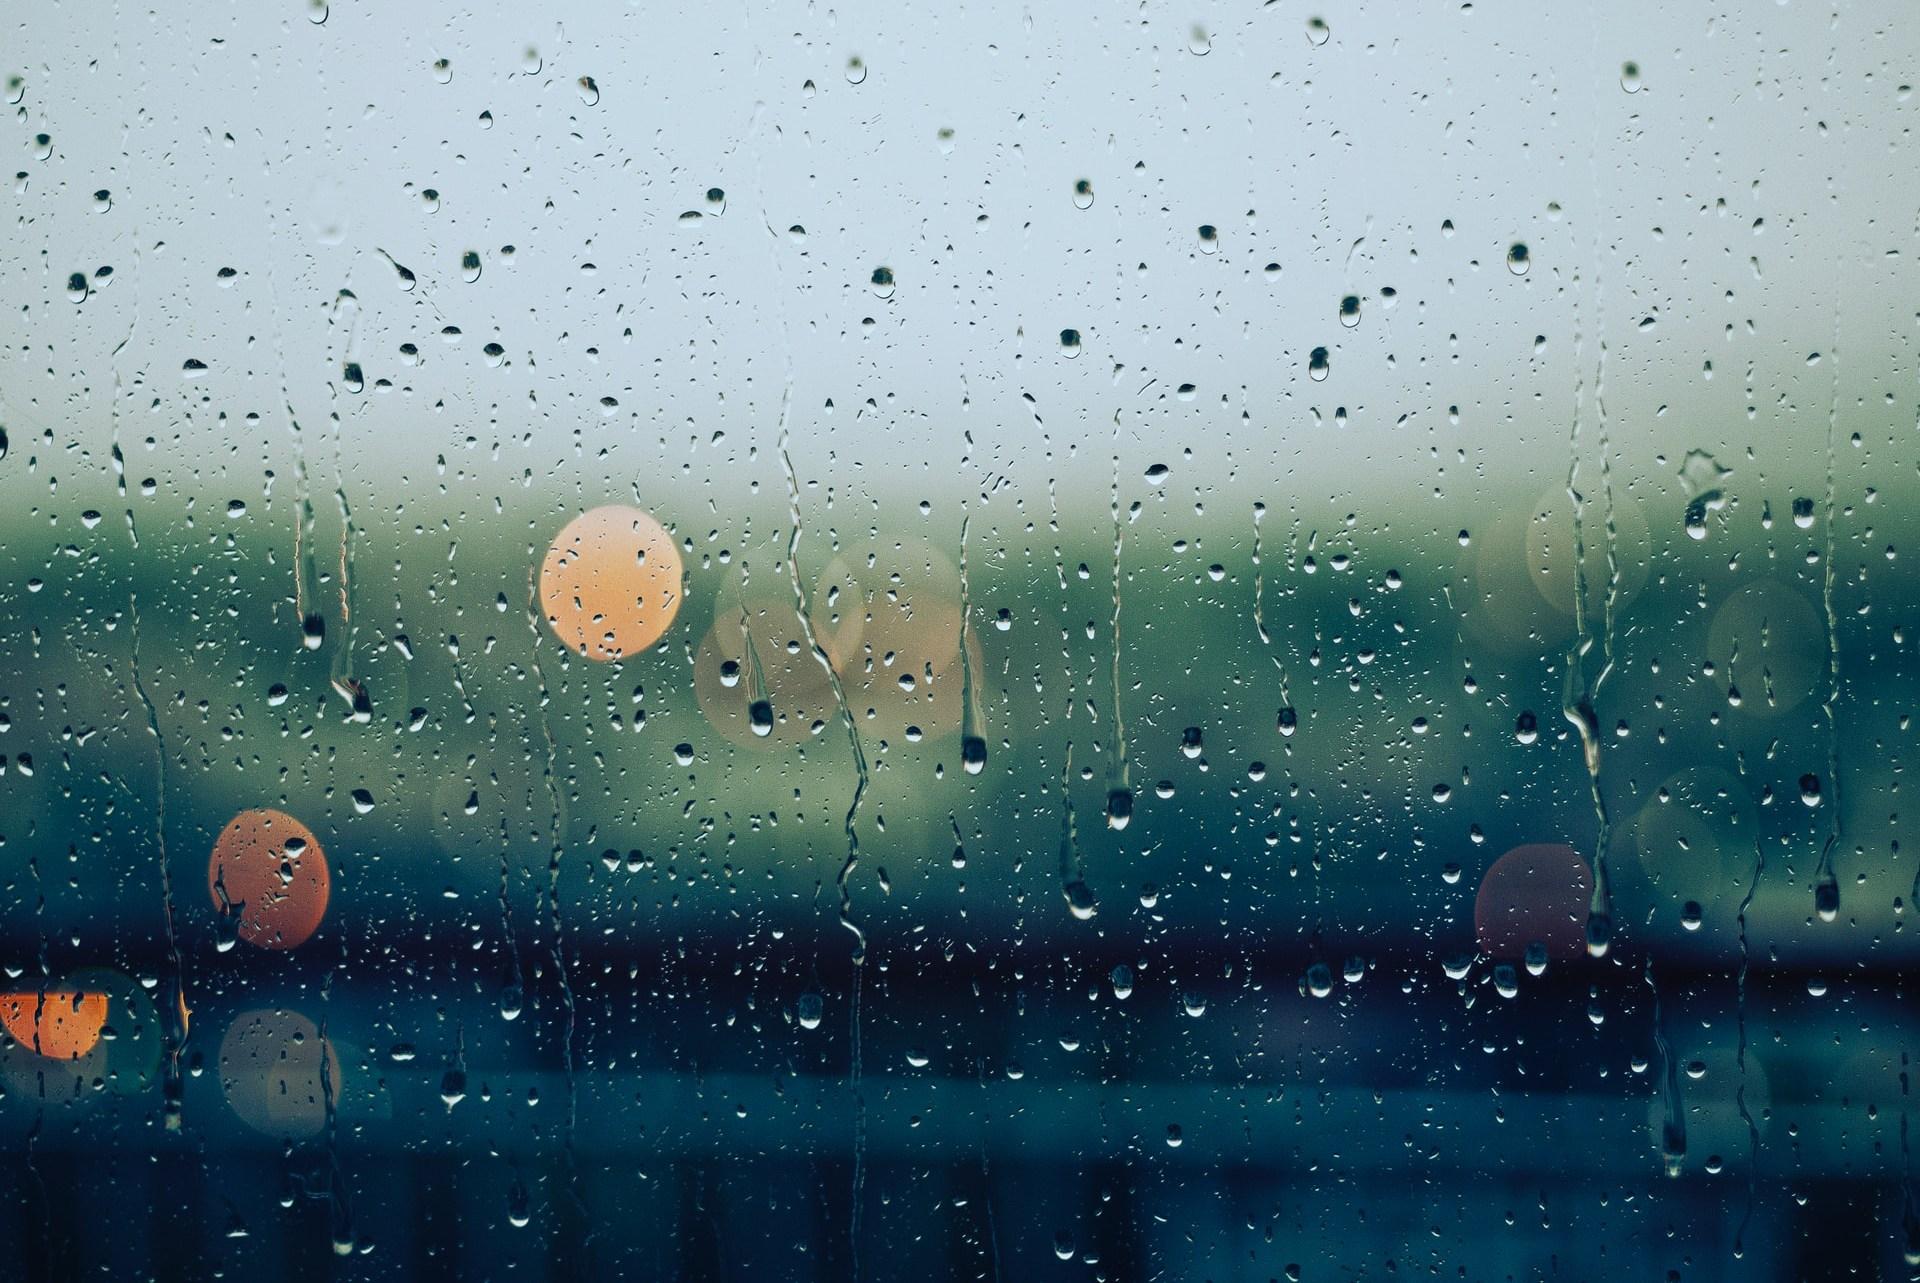 50 Kata Kata Saat Hujan Turun Lucu Romantis Islami Bahasa Inggris Mamikos Info